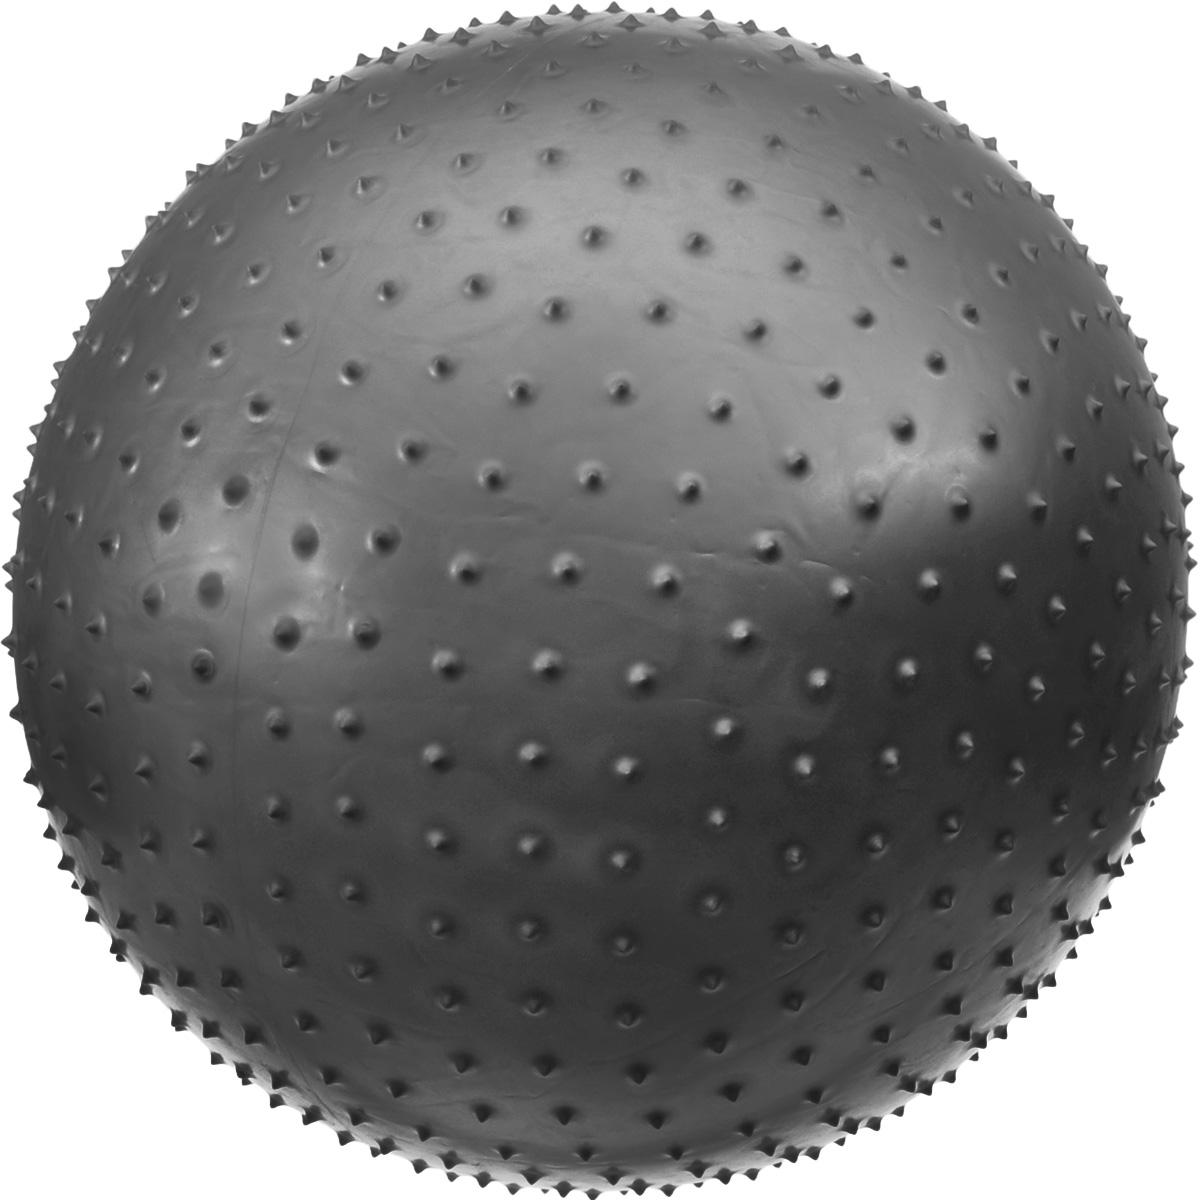 Мяч для фитнеса Bradex, массажный, 75 смХот ШейперсМассажный мяч для фитнеса Bradex отличается от обычного мяча для фитнеса поверхностью, которая дополнительно обеспечивает массаж в течение выполнения упражнений на нем. Взрослые могут использовать мяч в качестве минитренажера, направленного на снижение веса и общего укрепления организма. Для детей он станет веселой и полезной игрушкой, благотворно влияющей на формирование правильной осанки, гибкости, ловкости и пластичности. Мяч сделан в соответствии с антивзрывной технологией, гарантирующей безопасность во время эксплуатации. Накачать гимнастический мяч можно с помощью любого насоса (ручного или ножного) или же компрессором. Для этого необходимо воспользоваться конусообразным переходником, который, как правило, поставляется в комплекте с насосом или компрессором. Характеристики:Материал: ПВХ, силикон. Диаметр мяча: 75 см. Мах нагрузка: 150 кг. Размер упаковки: 21 см х 27,5 см х 14 см. Артикул: SF0018. Производитель: Китай.